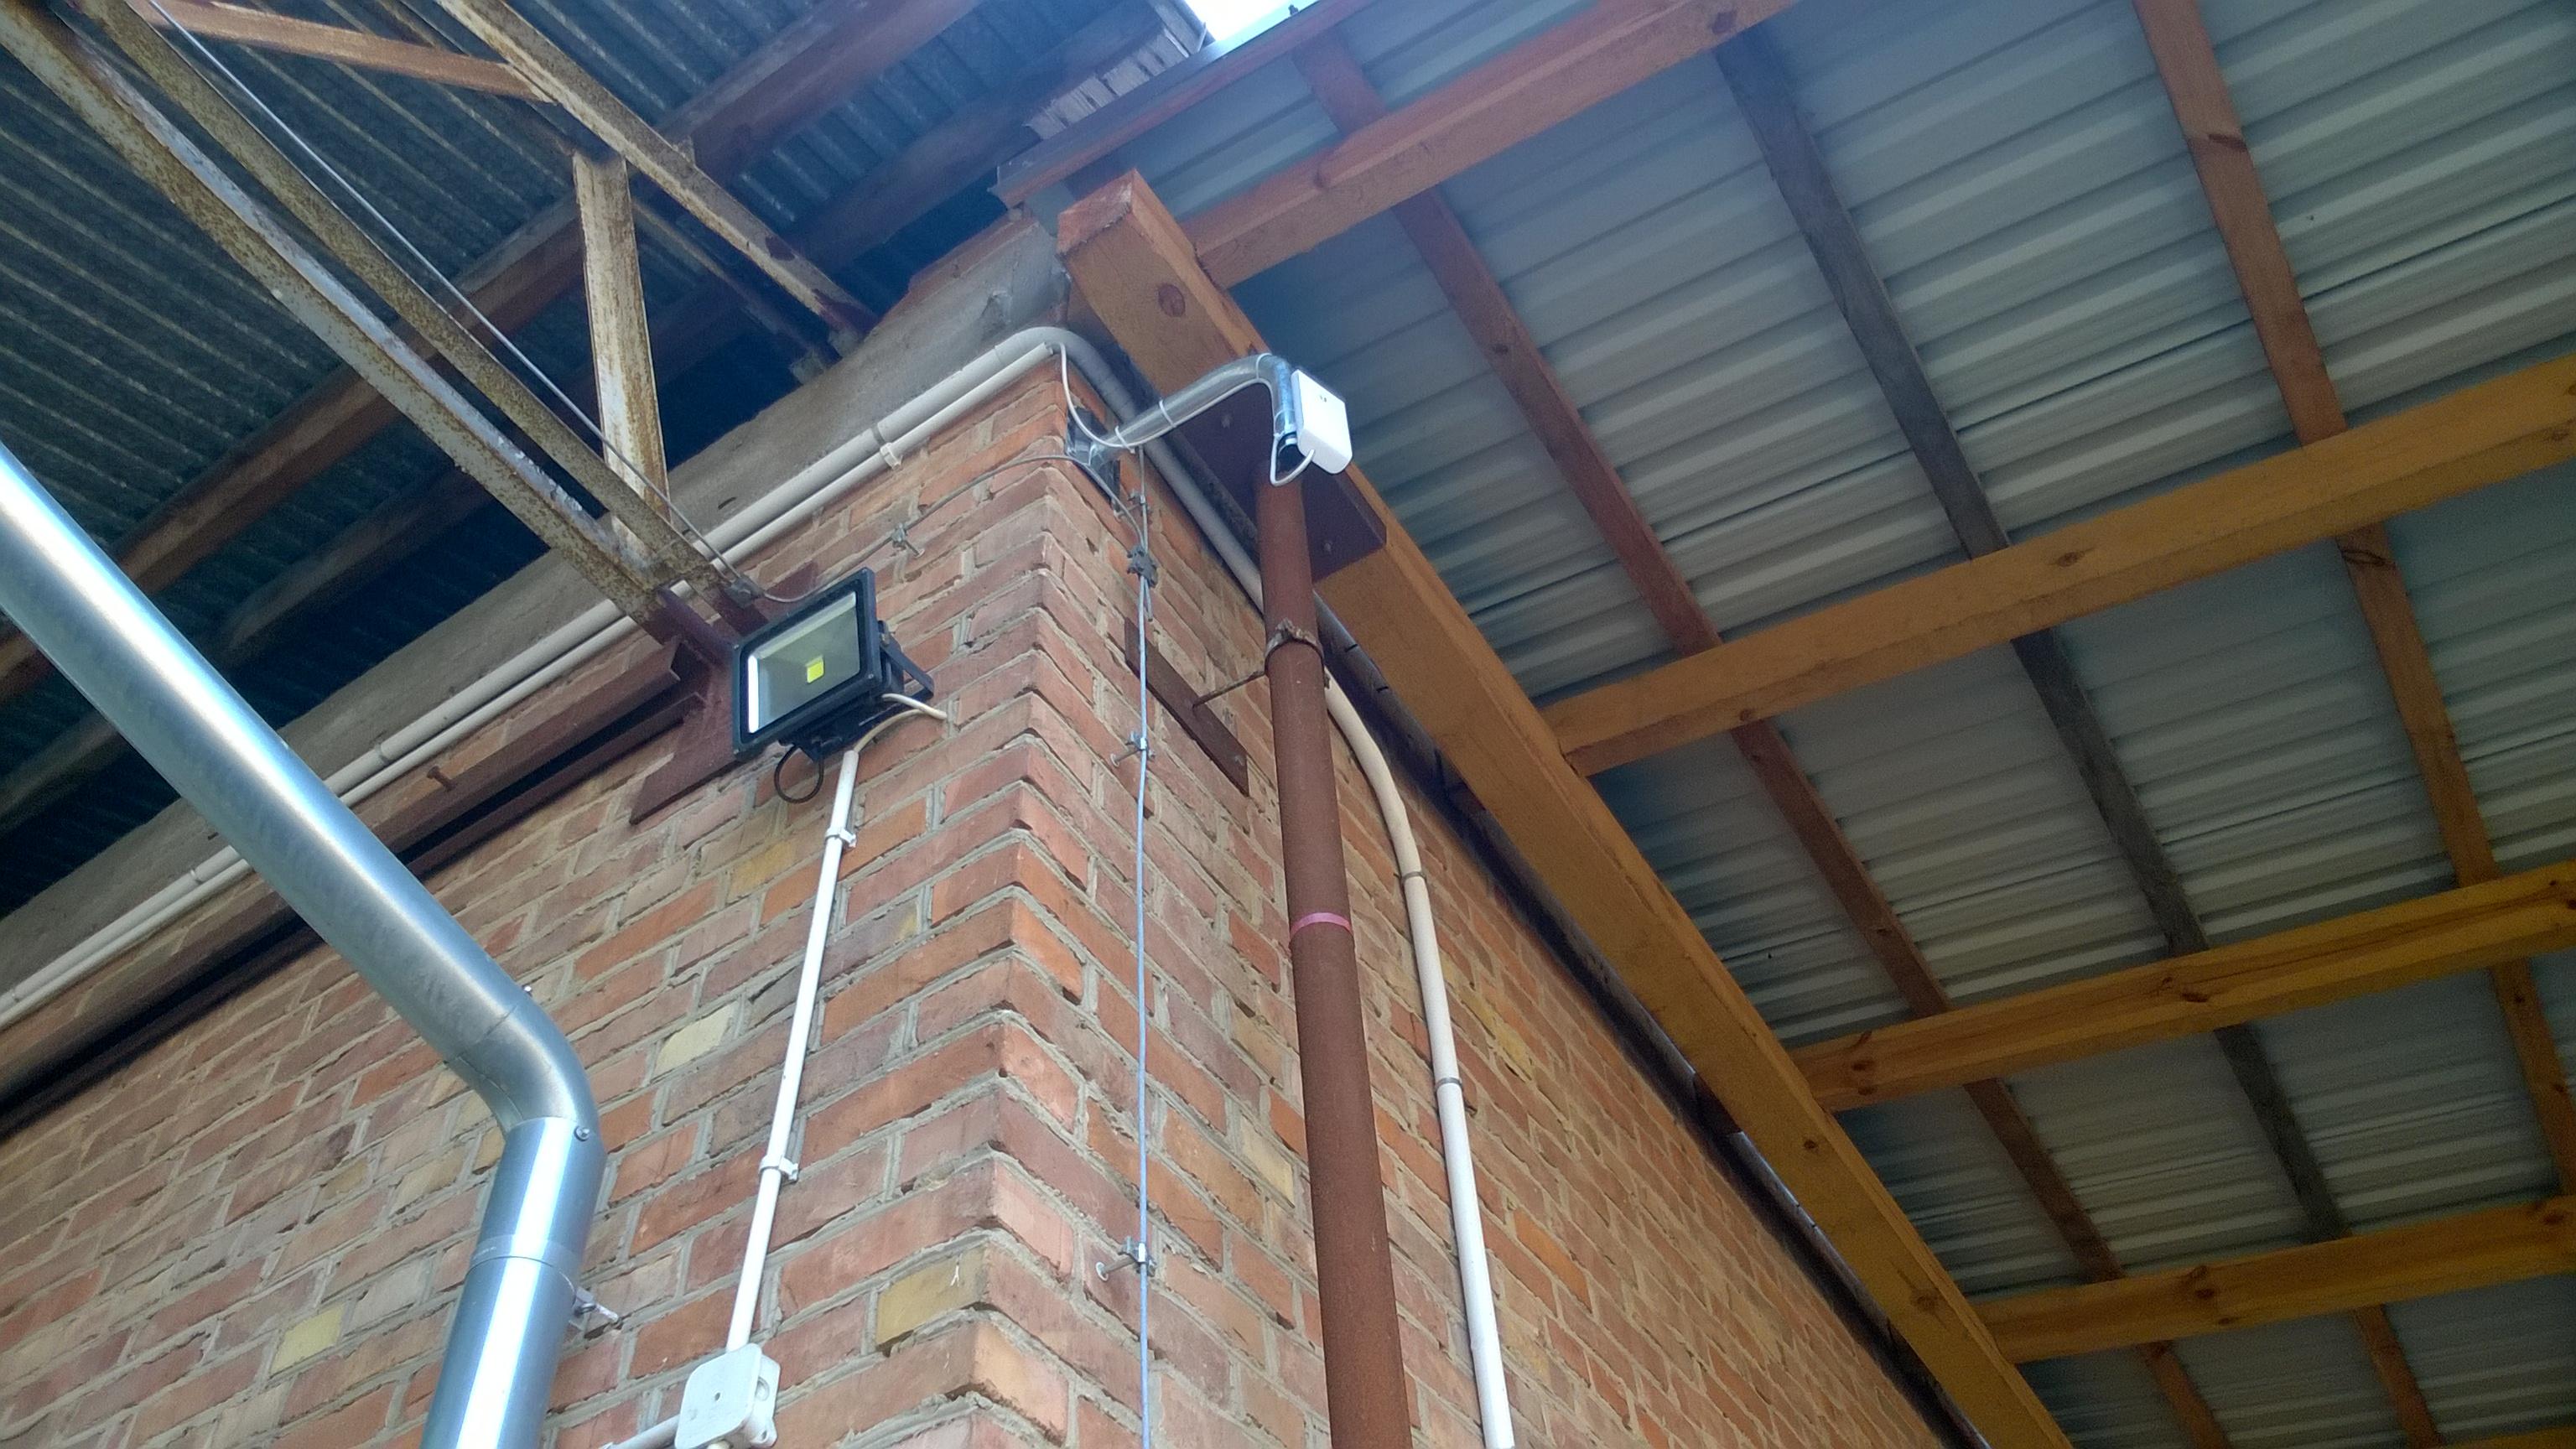 monitoring-bilgoraj-monitoring-zamosc-monitoring-krasnik-monitoring-janow-lubelski-monitoring-gospodarstwa-rolnego-monitoring-chelm-monitoring-lezajsk-11-infomech-monitoring-wizyjny-systemy-zabezpie